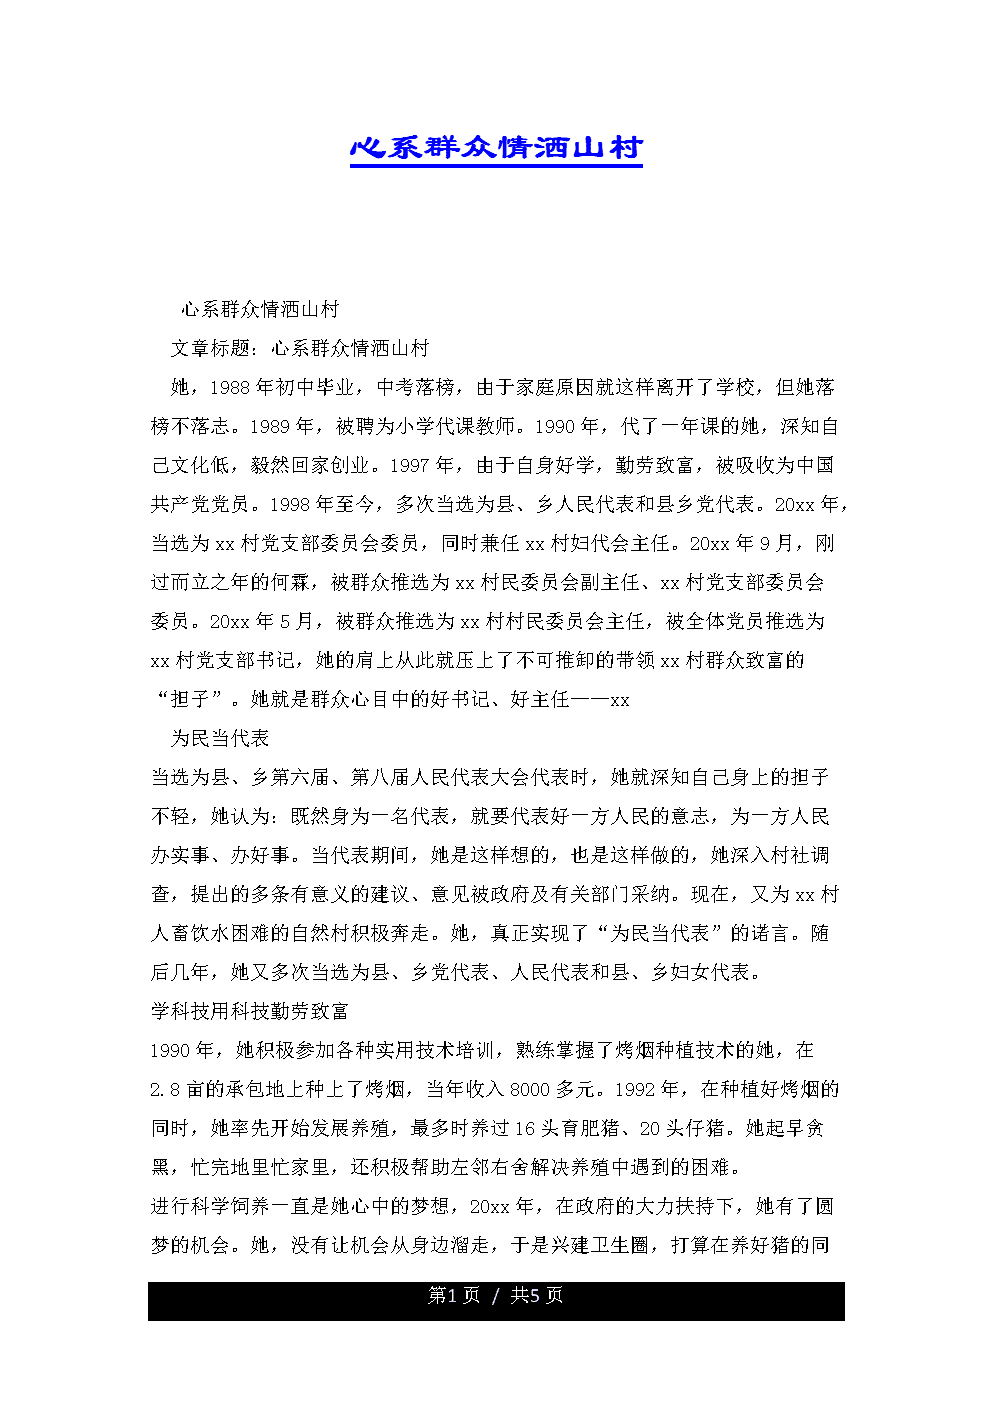 心系群眾情灑山村.docx